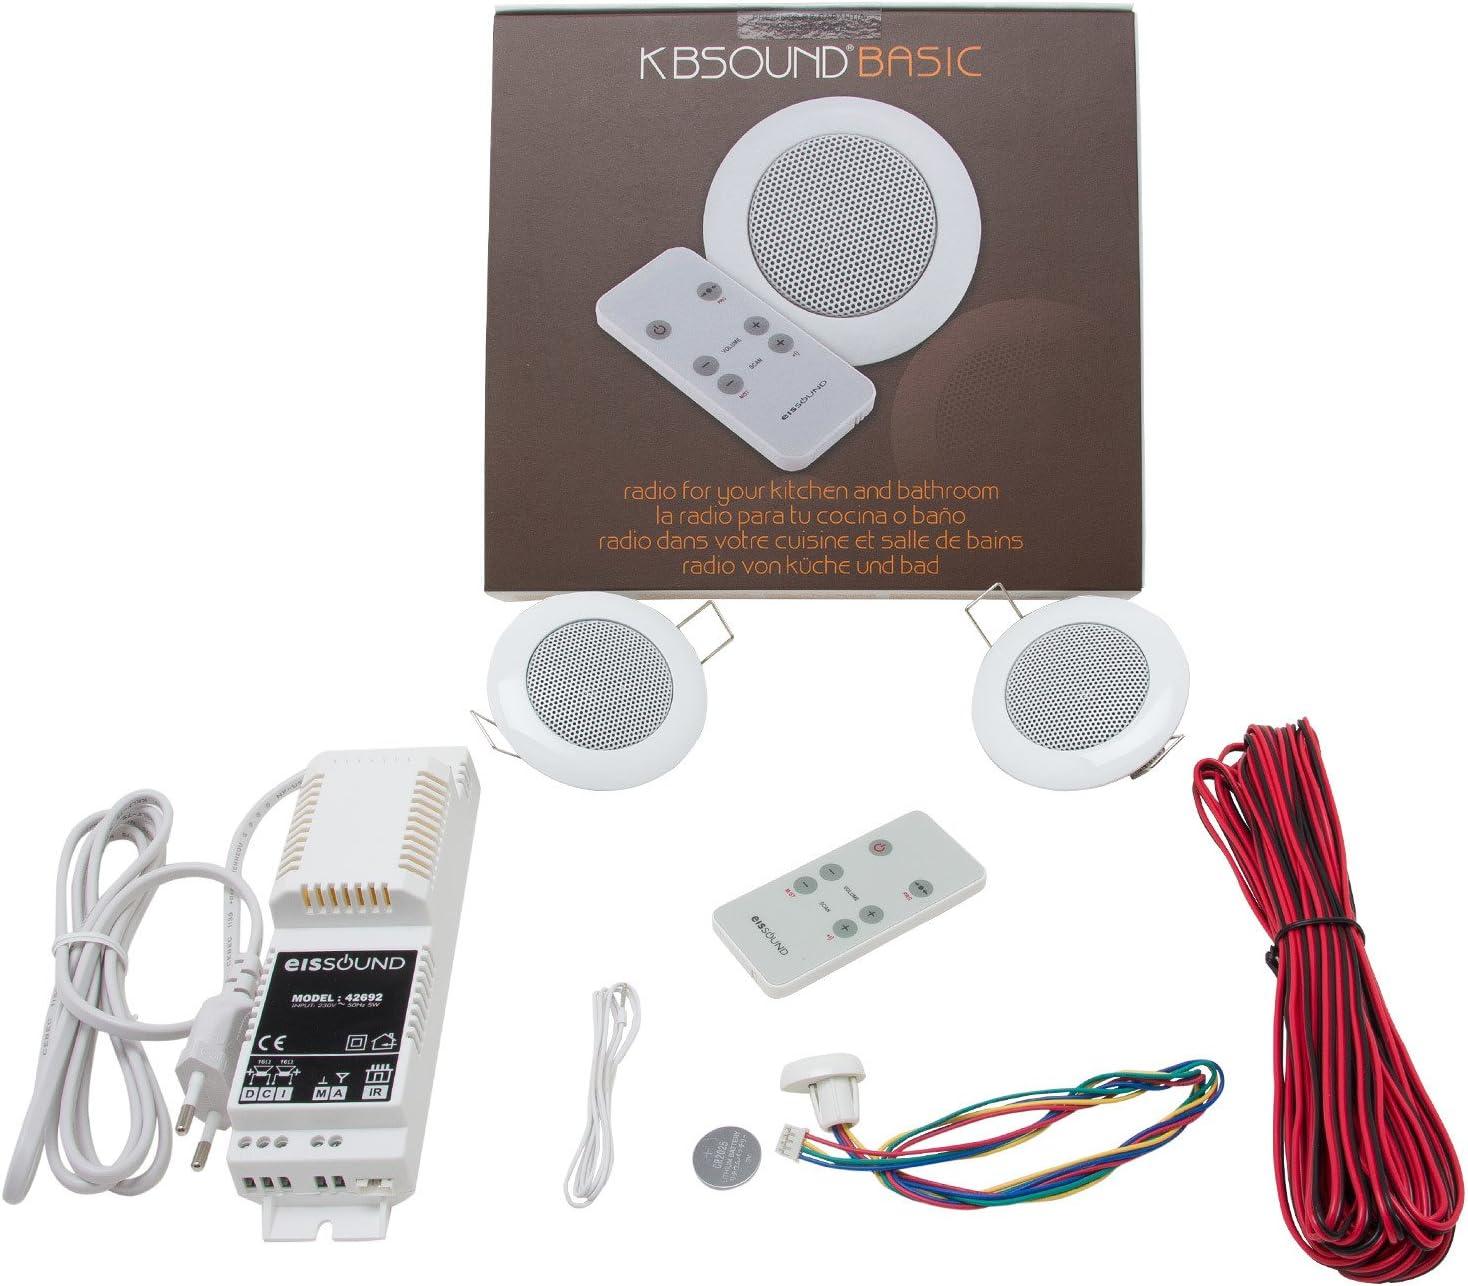 Kbsound Radio 220v 2x Deckenlautsprecher Küchenradio Elektronik